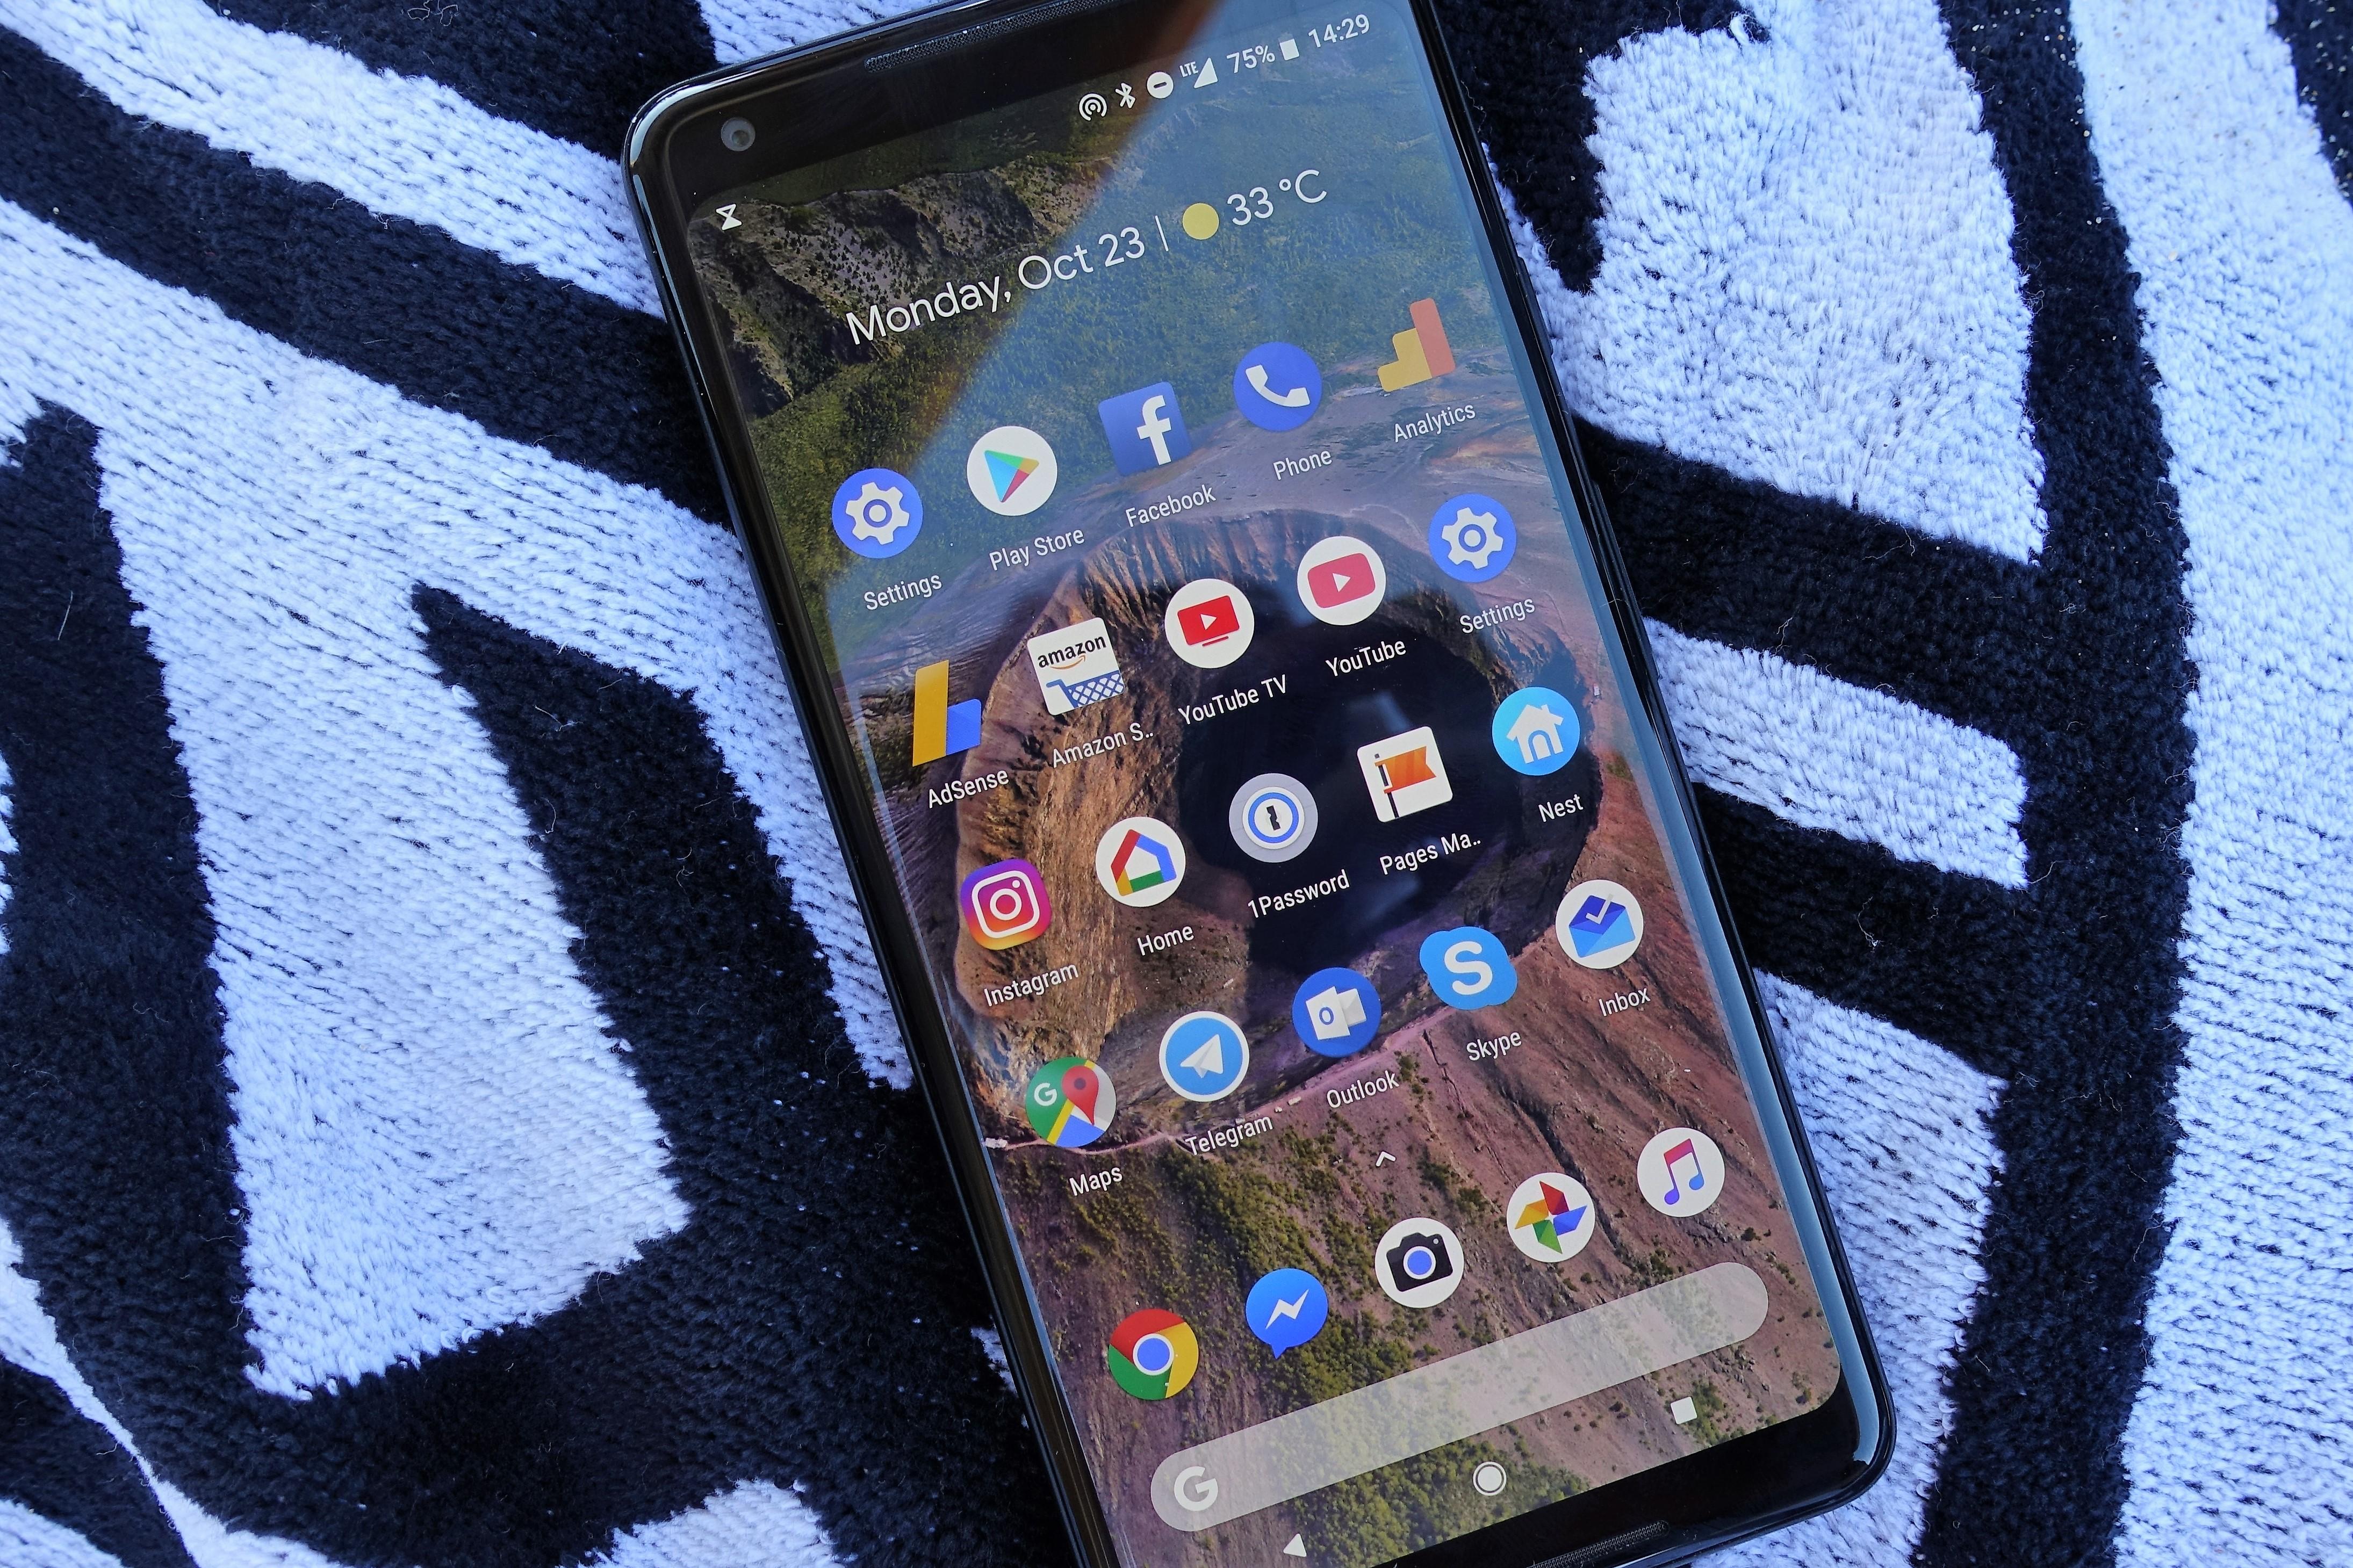 Pixel 2 XL er sammen med OnePlus 5 den kjedeligste mobilen du kan handle, men den gjør jobben på en god måte. Problemet er at den er overpriset.